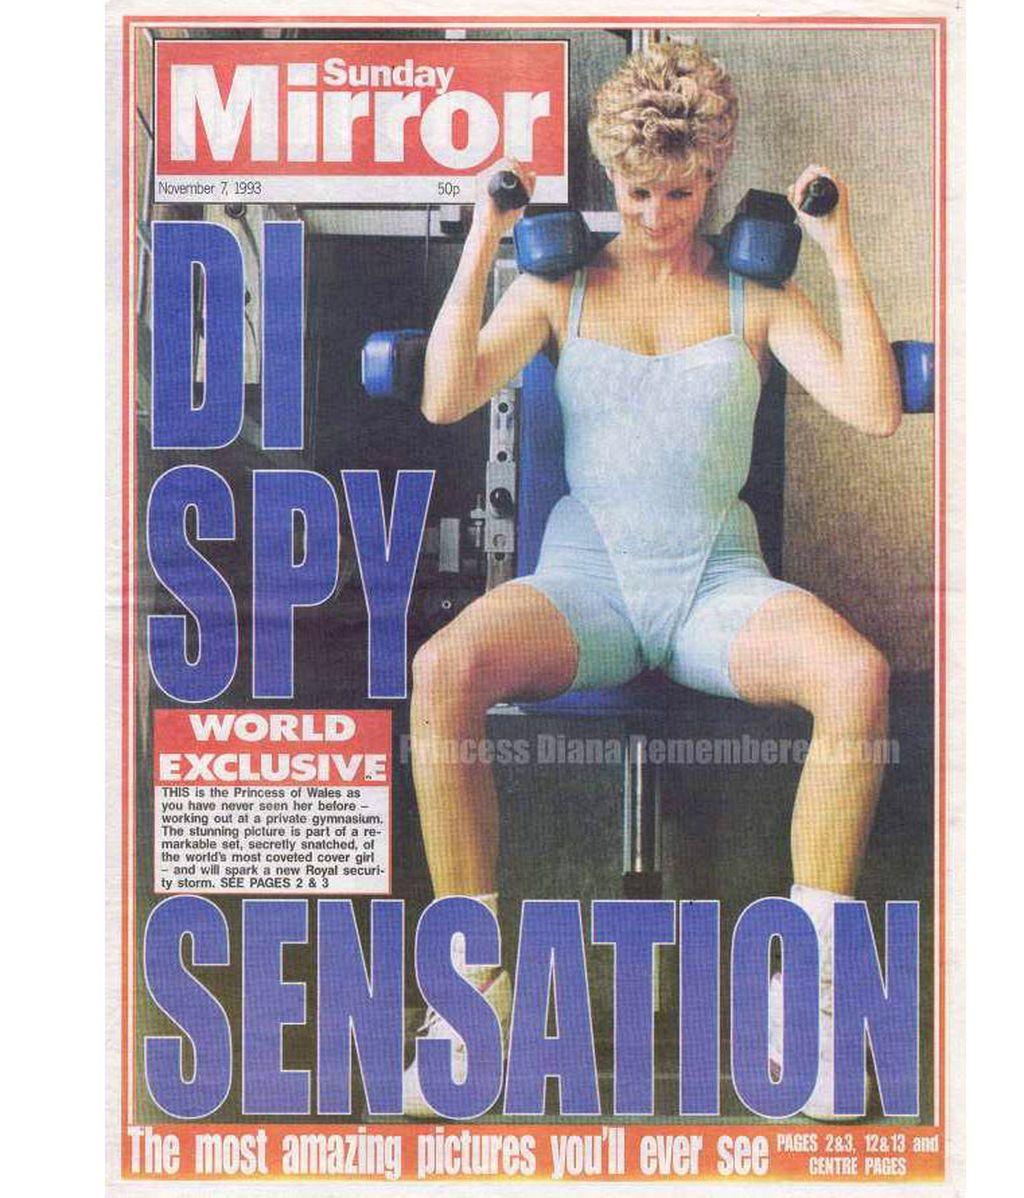 Diana de Gales, haciendo gimnasia en la portada de una revista